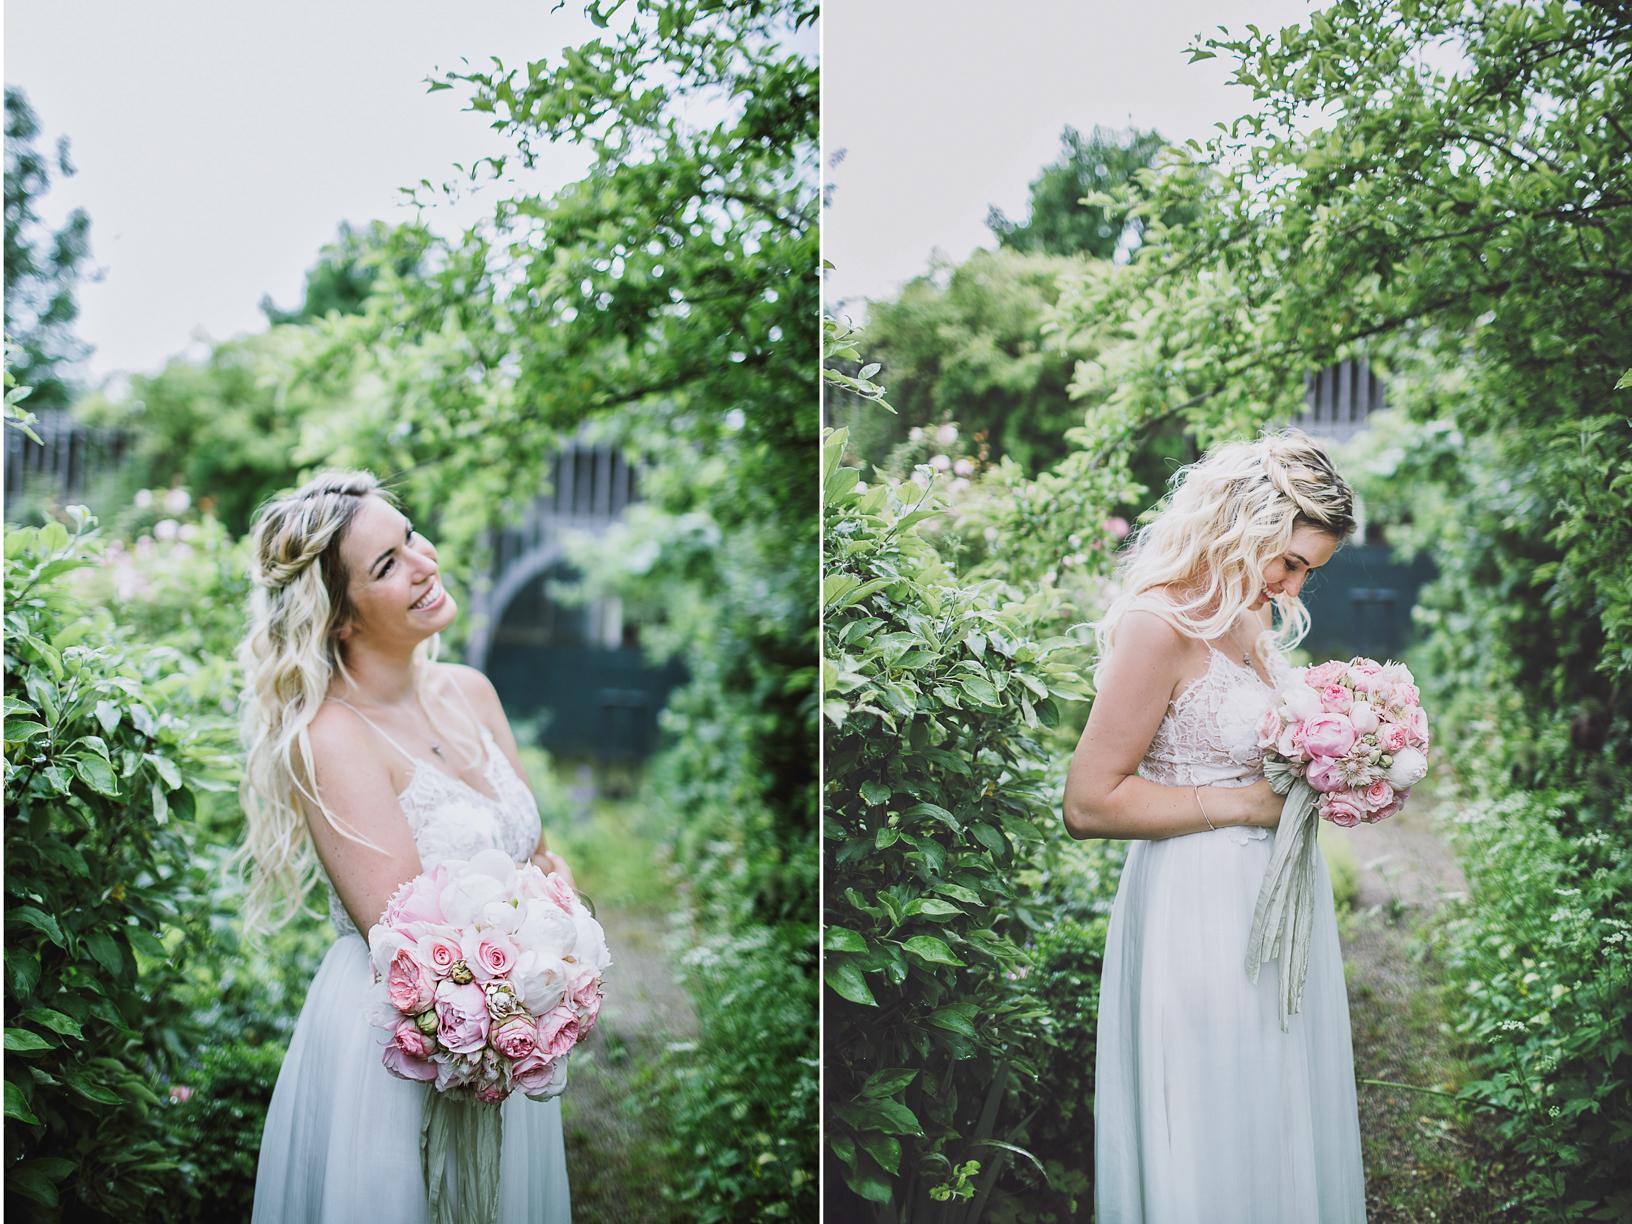 Die Hochzeit von Ronny und Patrizia Philp in der Alten Gärtnerei in Taufkirchen mit einem Brautkleid von Kaviar Gauche